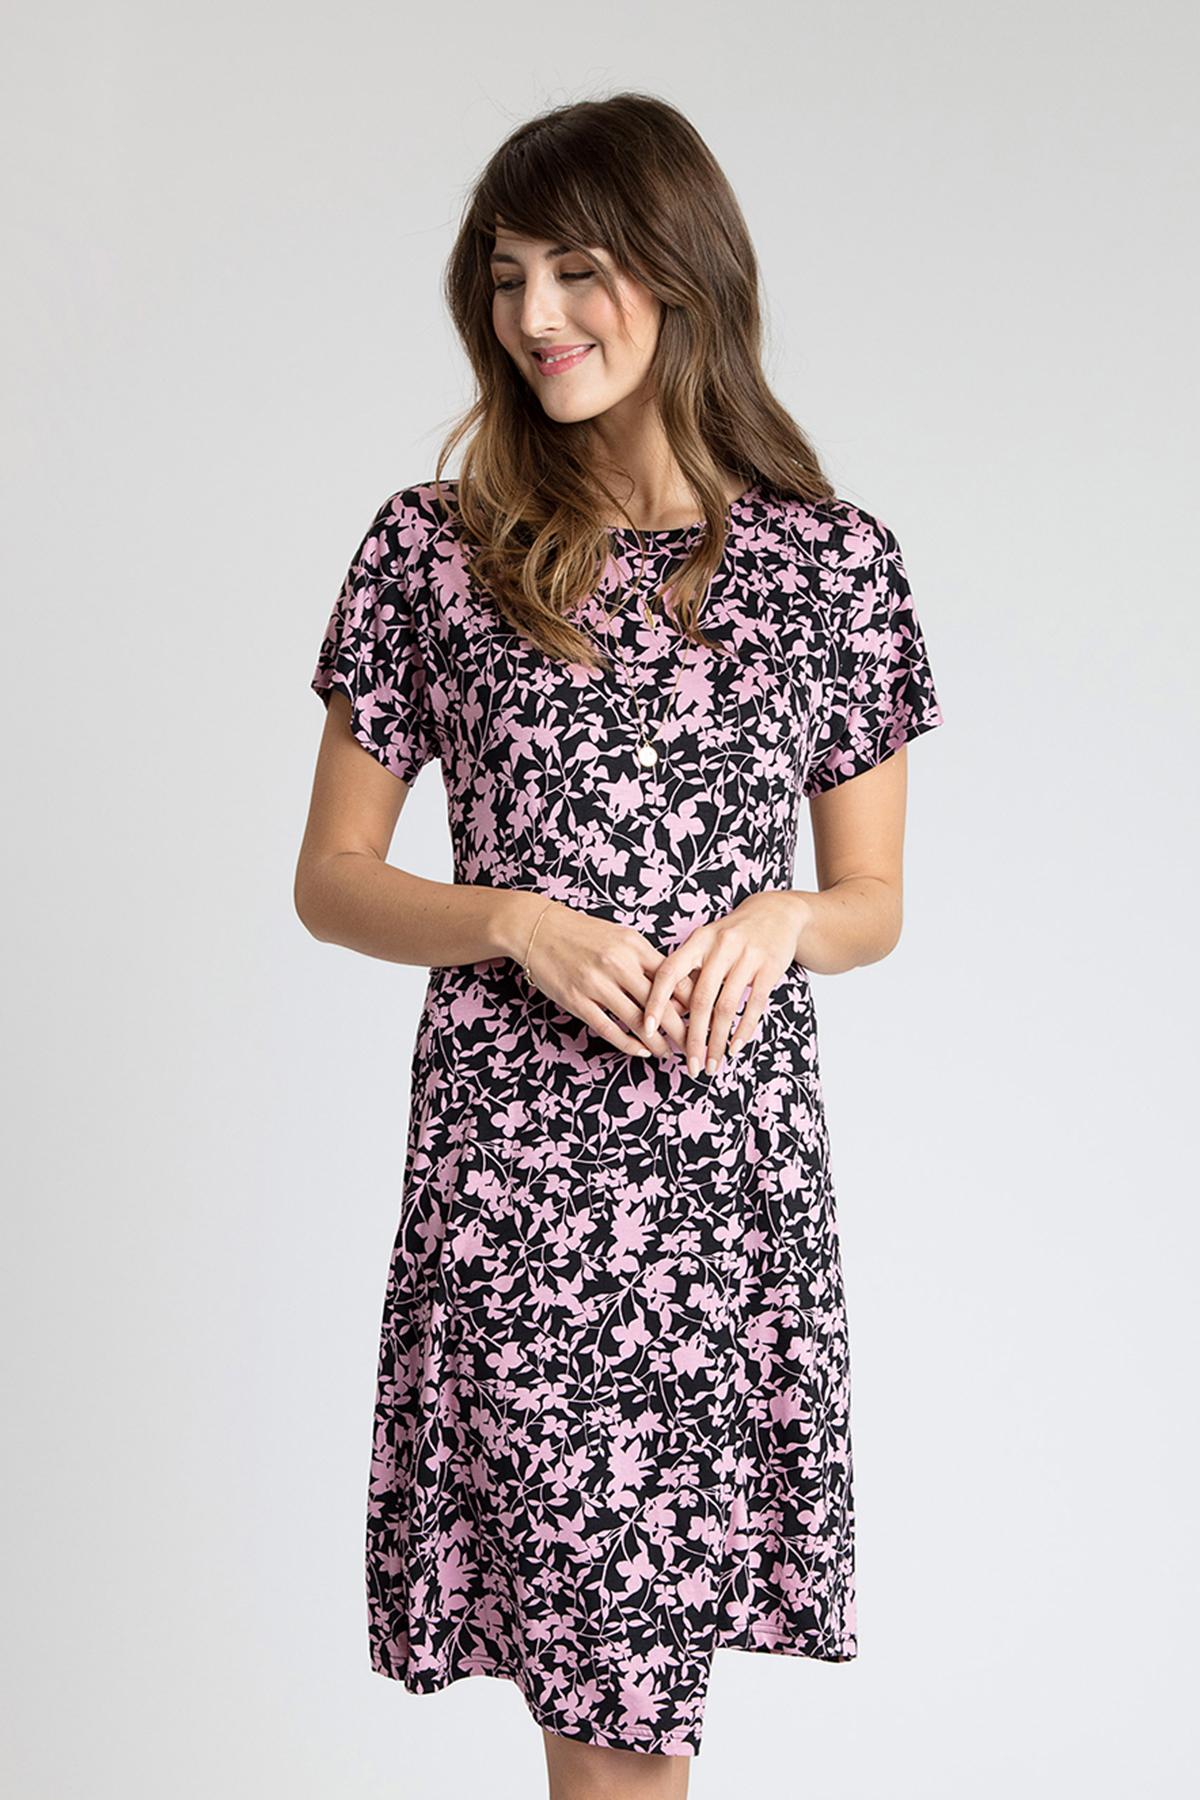 Schwarz/helllila Kleid von Bon'A Parte – Shoppen Sie Schwarz/helllila Kleid ab Gr. S-2XL hier